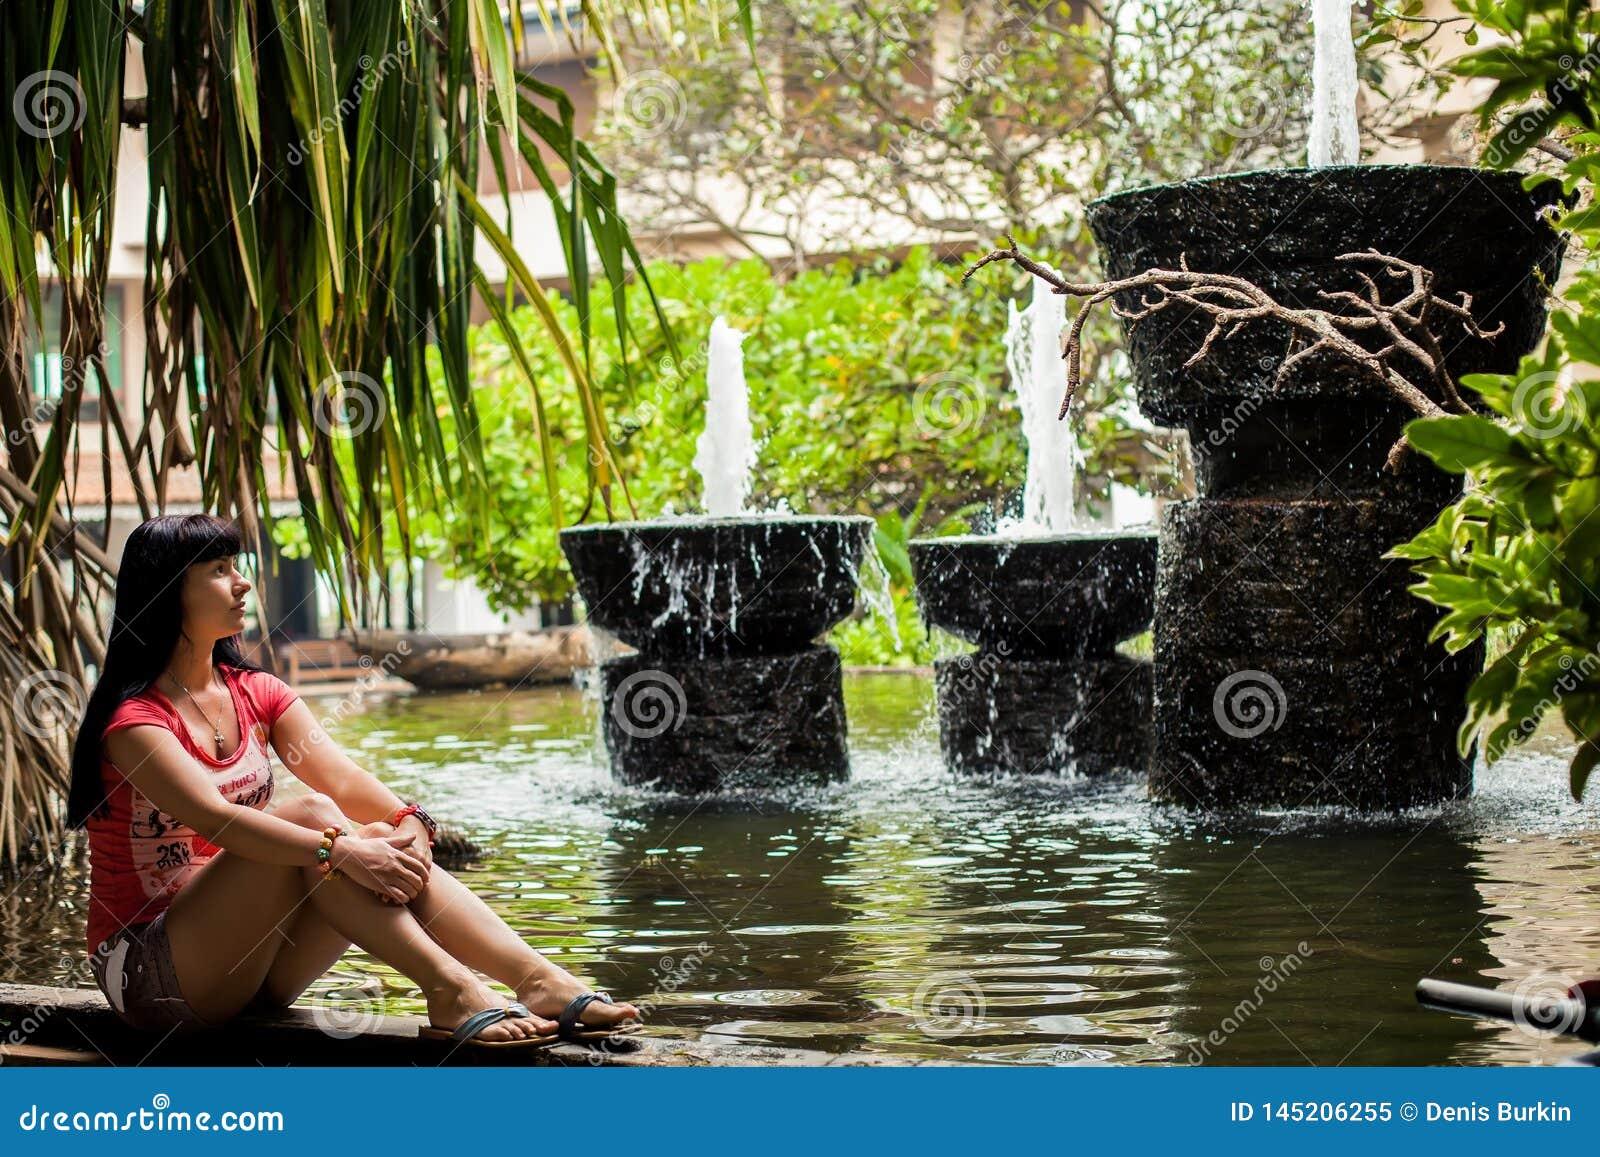 Meisjeszitting in een exotisch Park onder de fonteinen reis concept Achter mening vrouw die waterval in het hotel bekijken